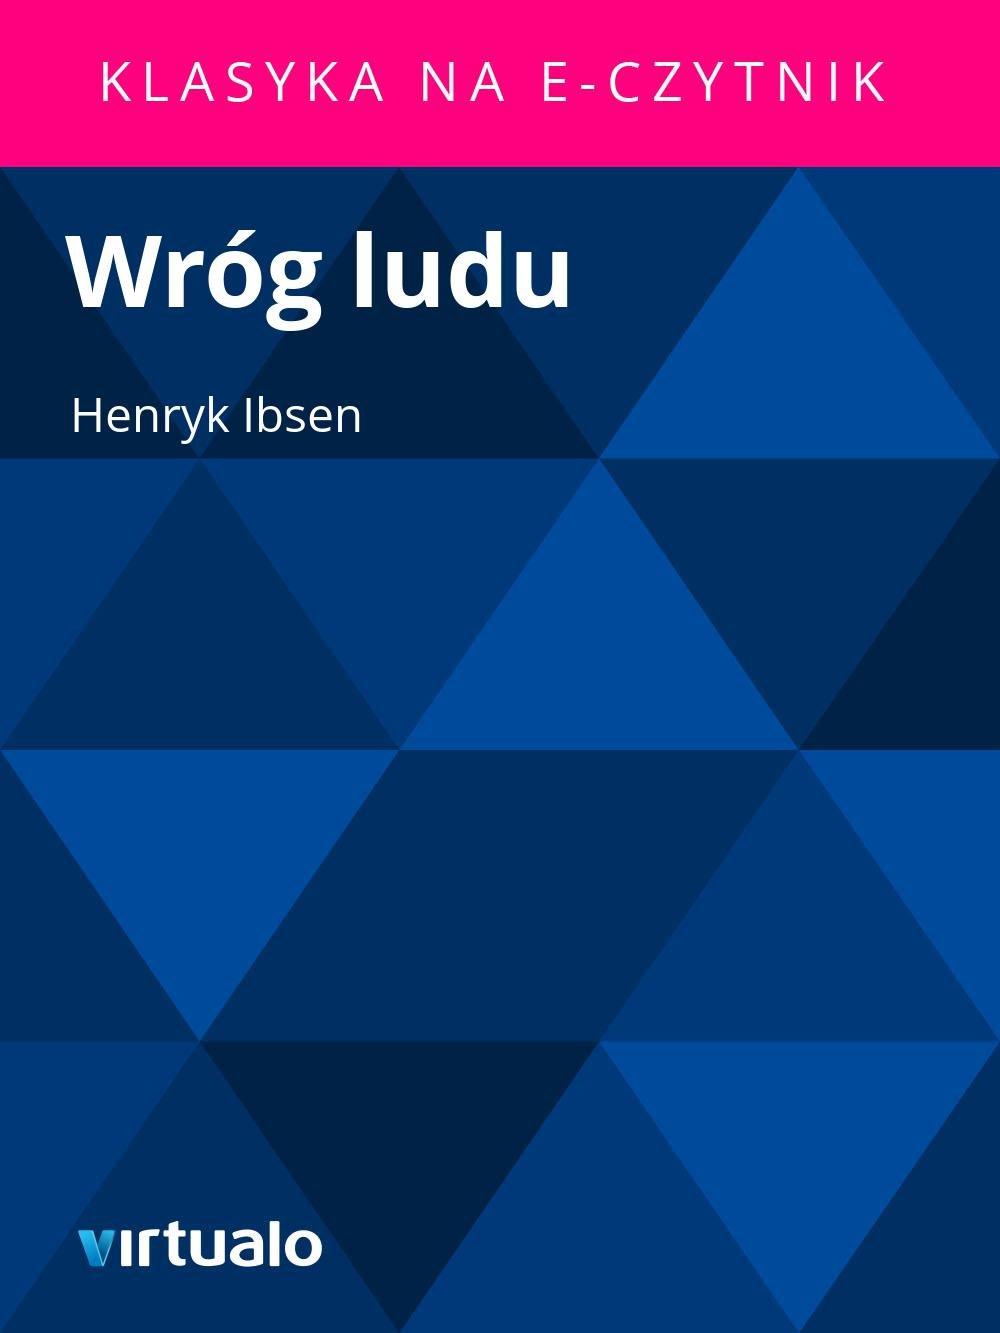 Wróg ludu - Ebook (Książka EPUB) do pobrania w formacie EPUB